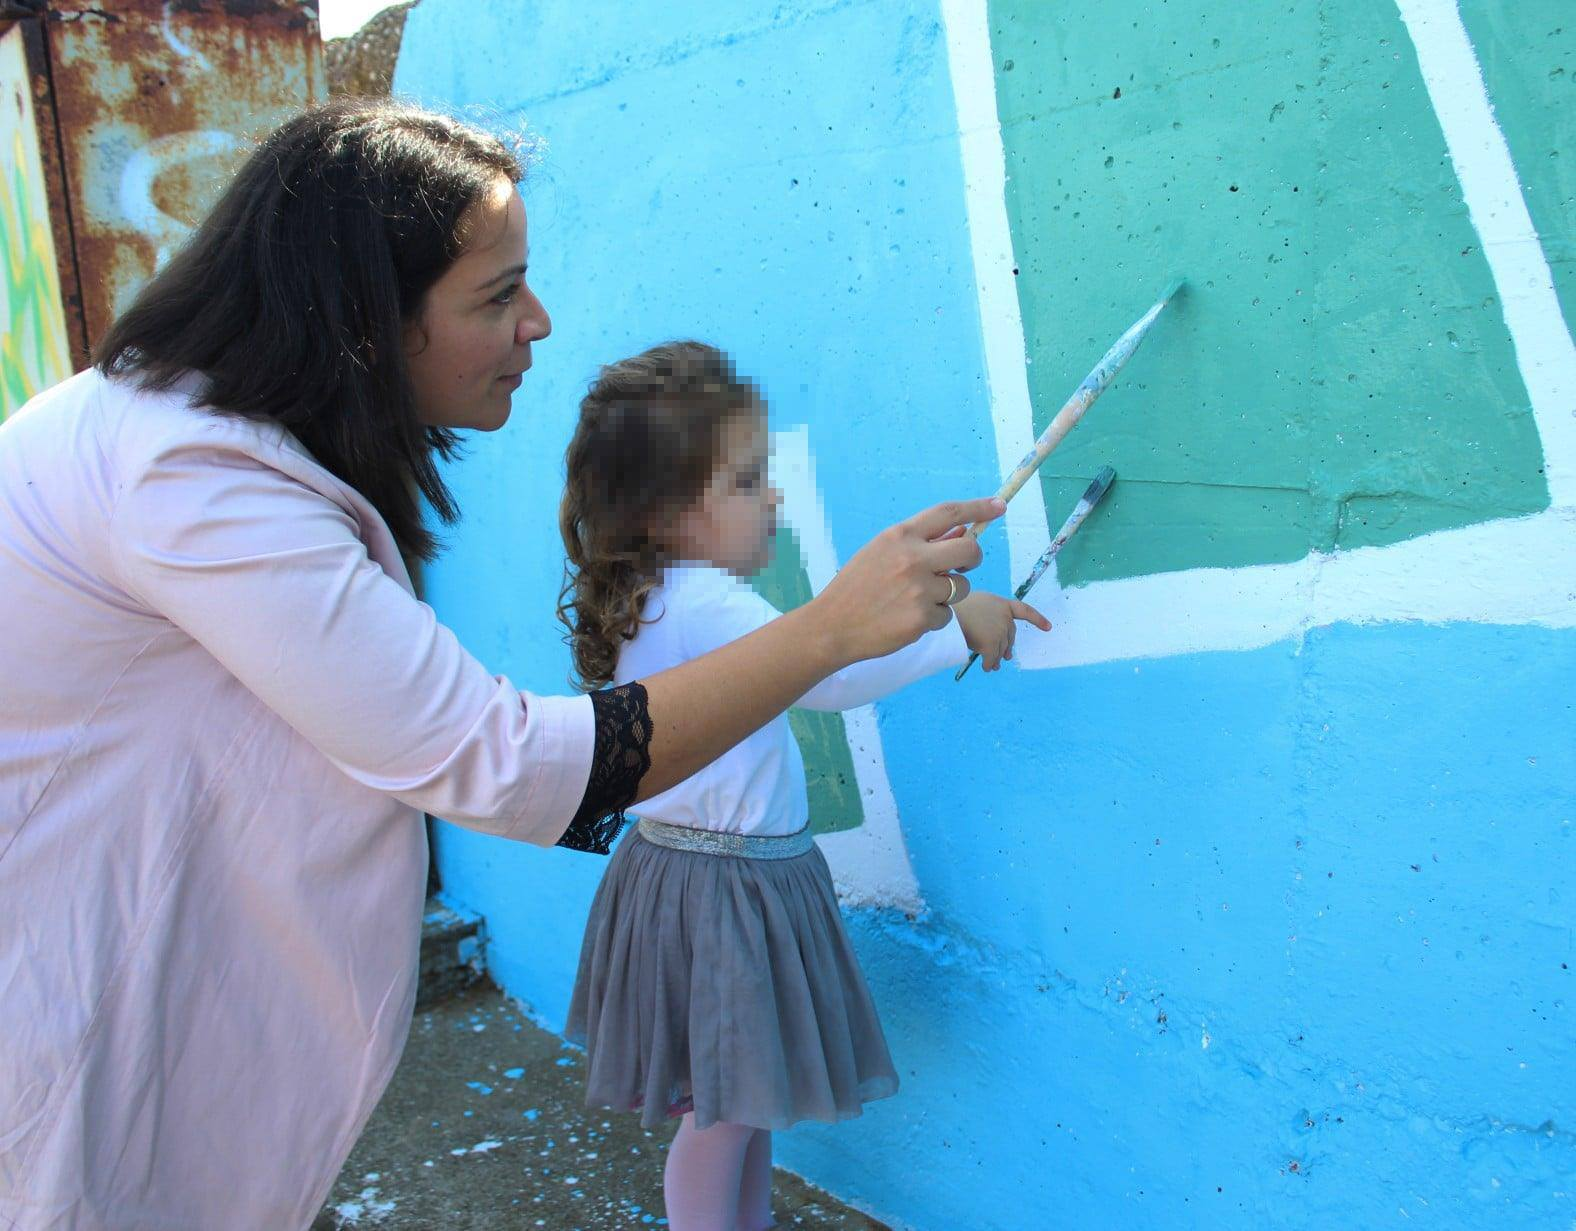 Δήμος Ήλιδας: Η τοιχογραφία του Παλουκίου στο χάρτη με τις κορυφαίες ελληνικές τοιχογραφίες- Παγκόσμια ημέρα street art και ειδικό αφιέρωμα για δημιουργίες σε όλη την Ελλάδα (photos)